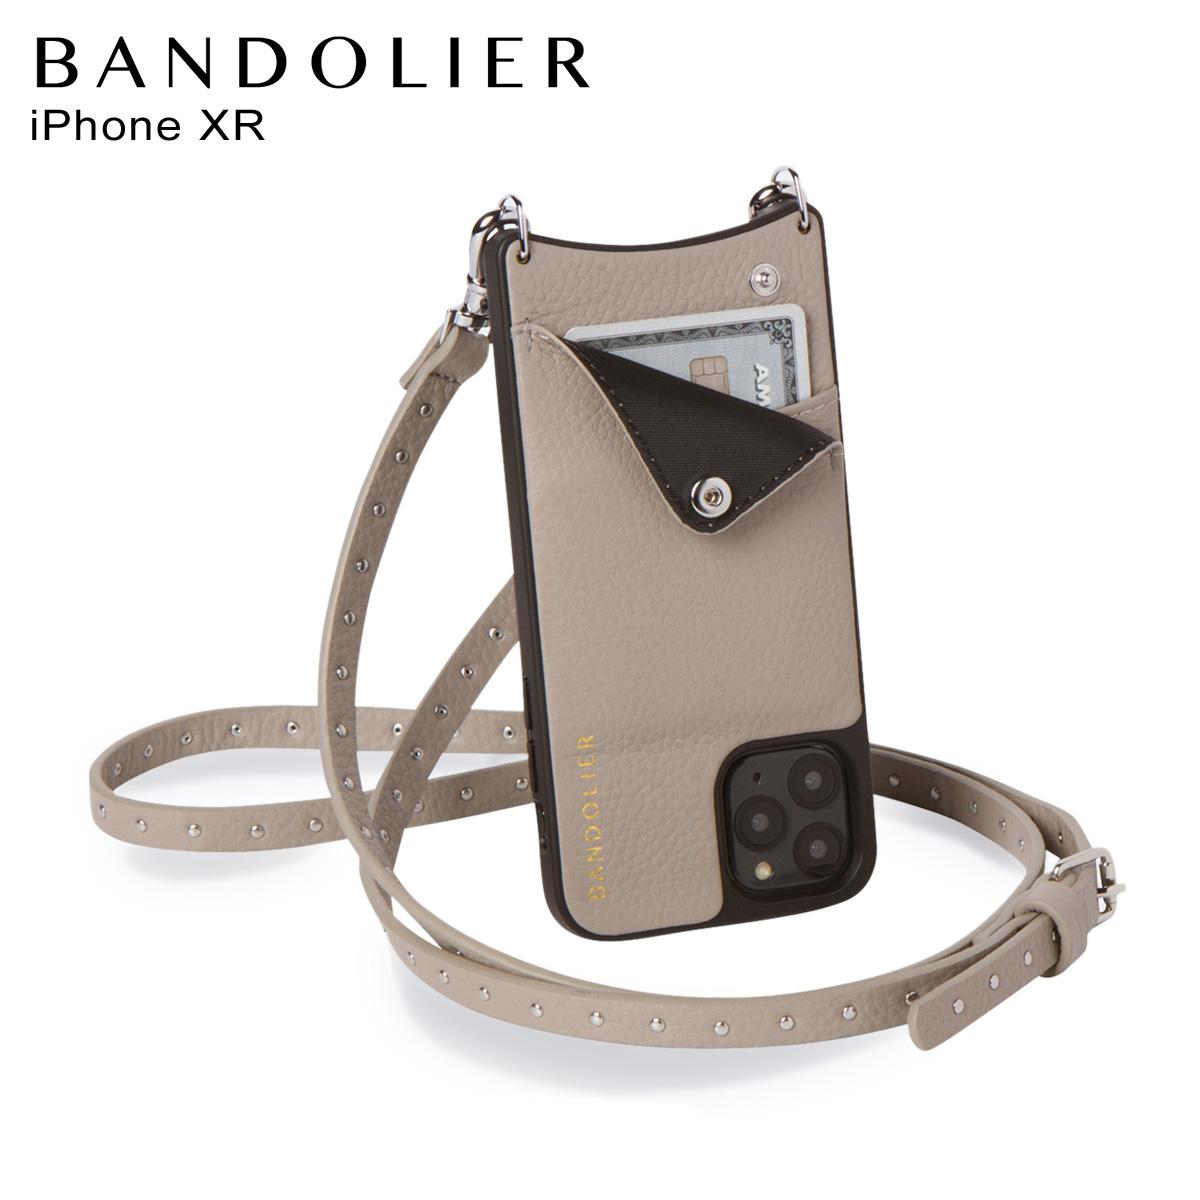 BANDOLIER バンドリヤー iPhone XR ケース スマホ 携帯 ショルダー アイフォン メンズ レディース レザー NICOLE GREGE グレー 10NIC [4/10 再入荷]